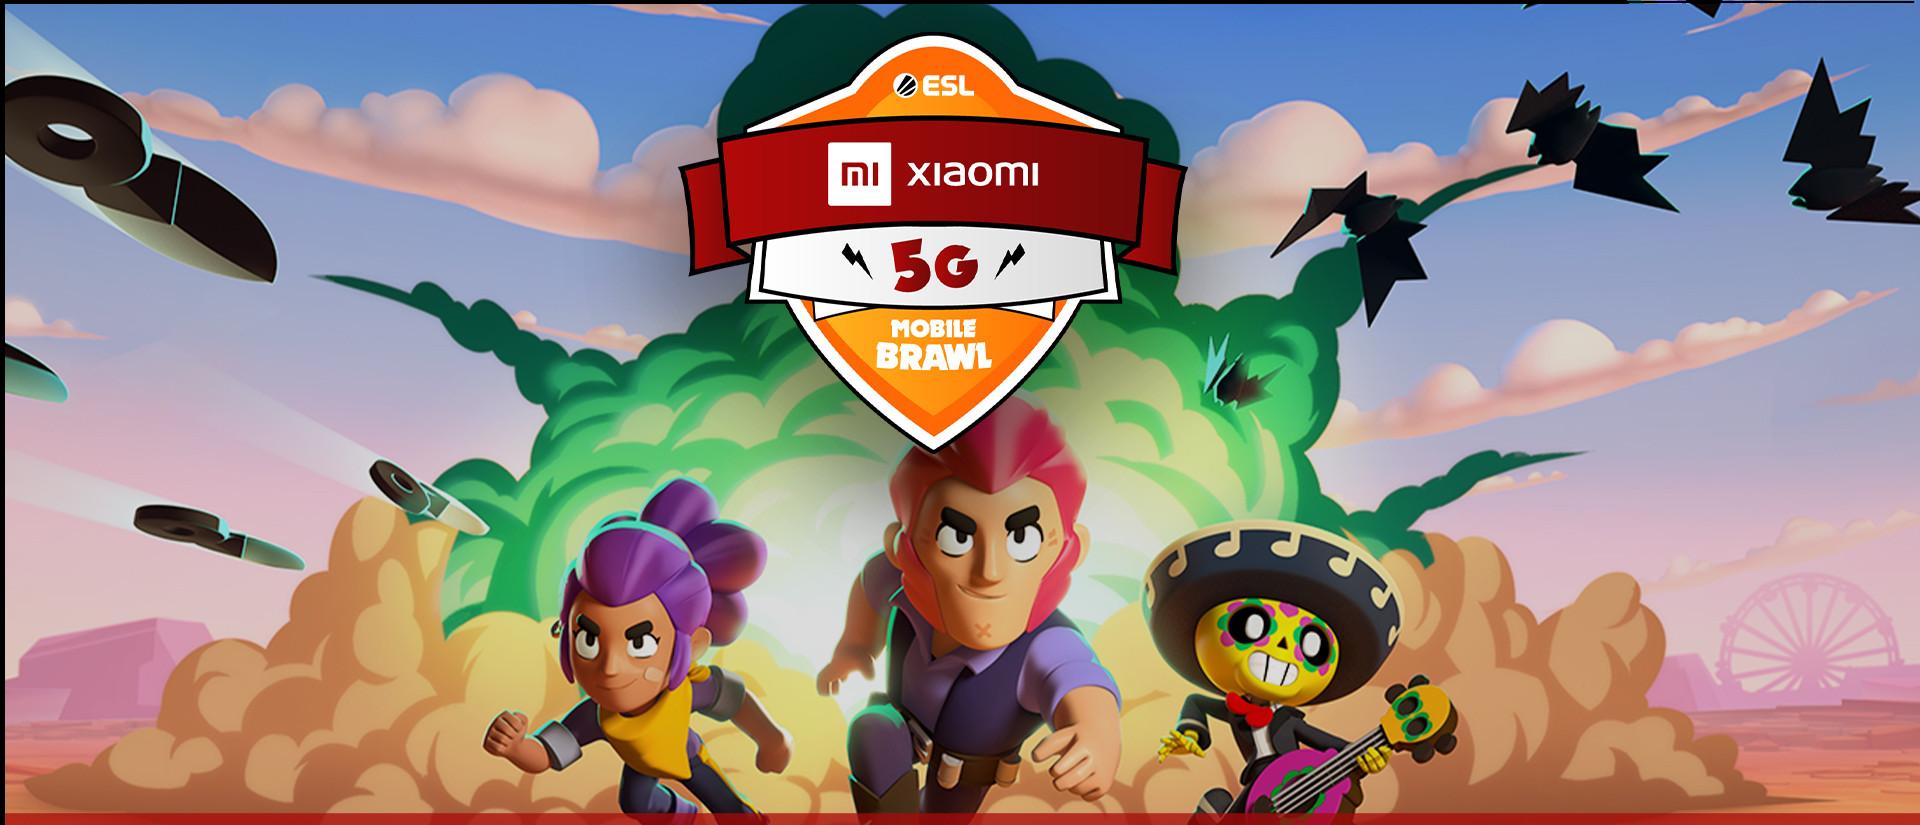 Xiaomi Esport Fest: 5G per i gamers thumbnail